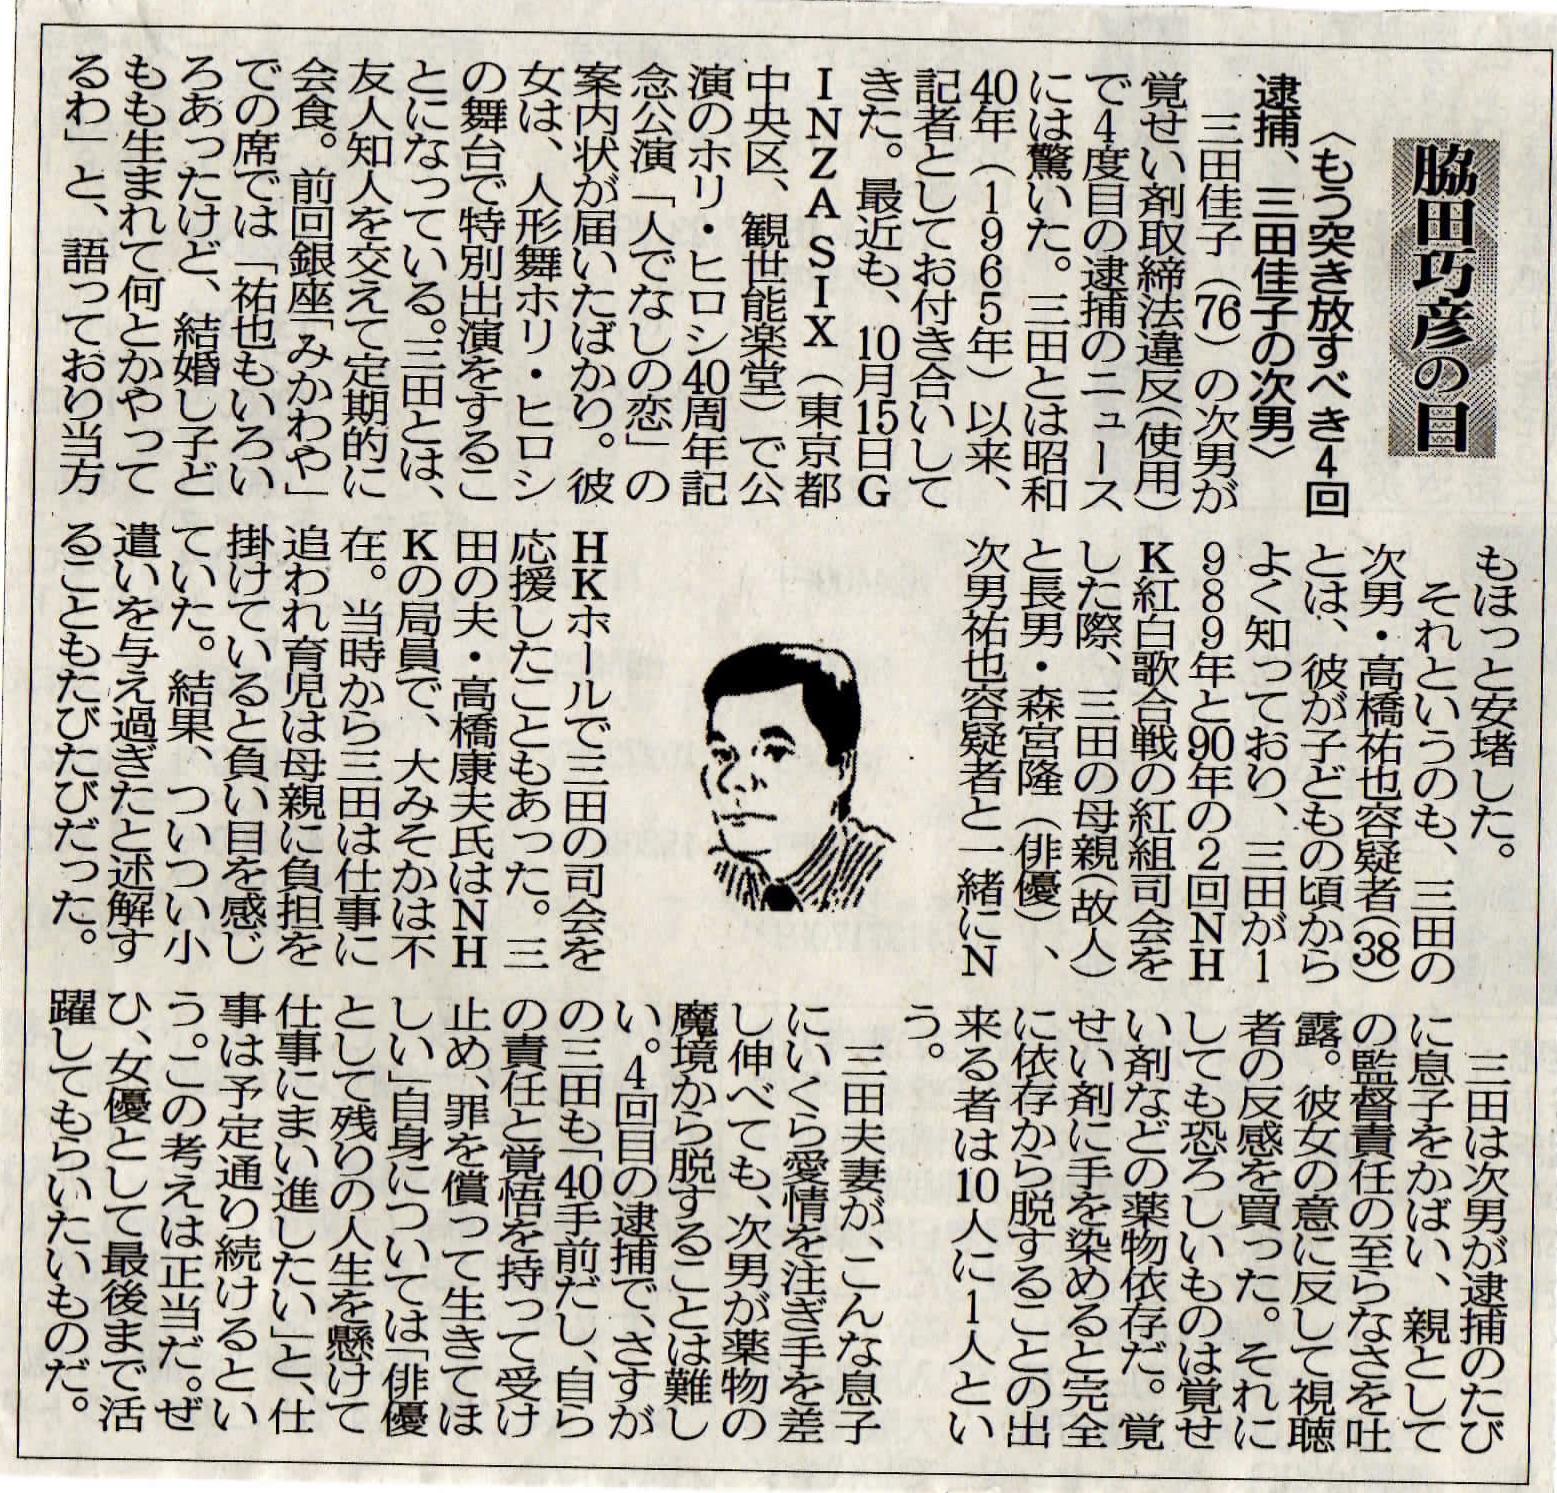 2018年09月22日 もう突き放すべき4回逮捕、三田佳子の次男